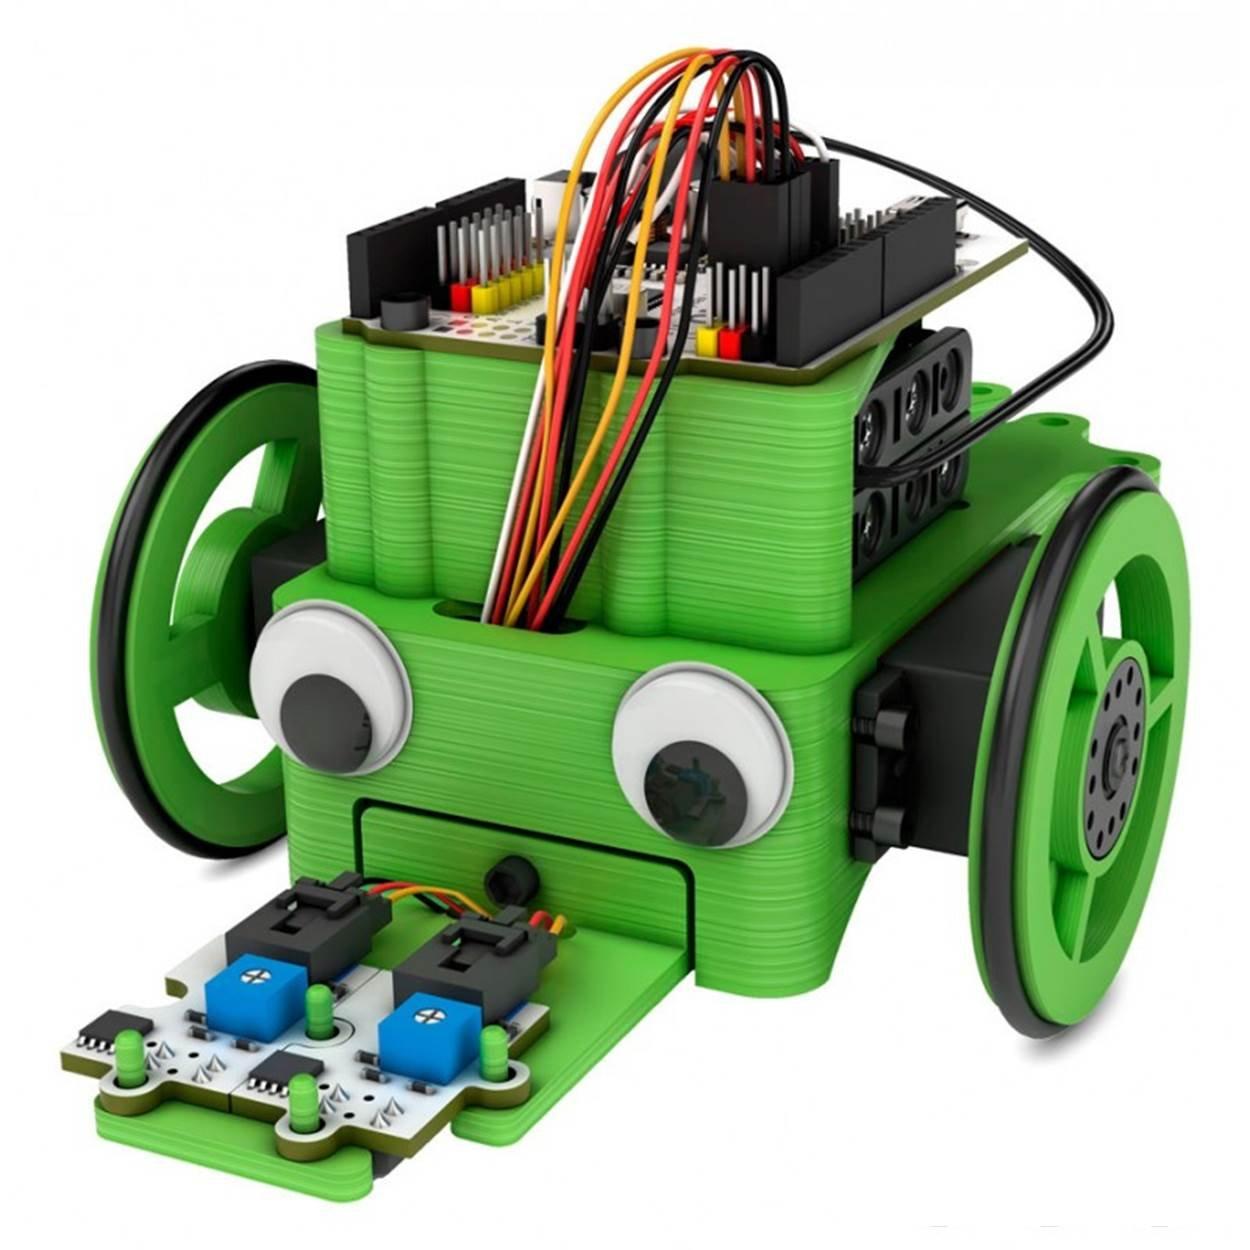 BQ PrintBot Solidario - Marco para kit de robótica, color verde ...